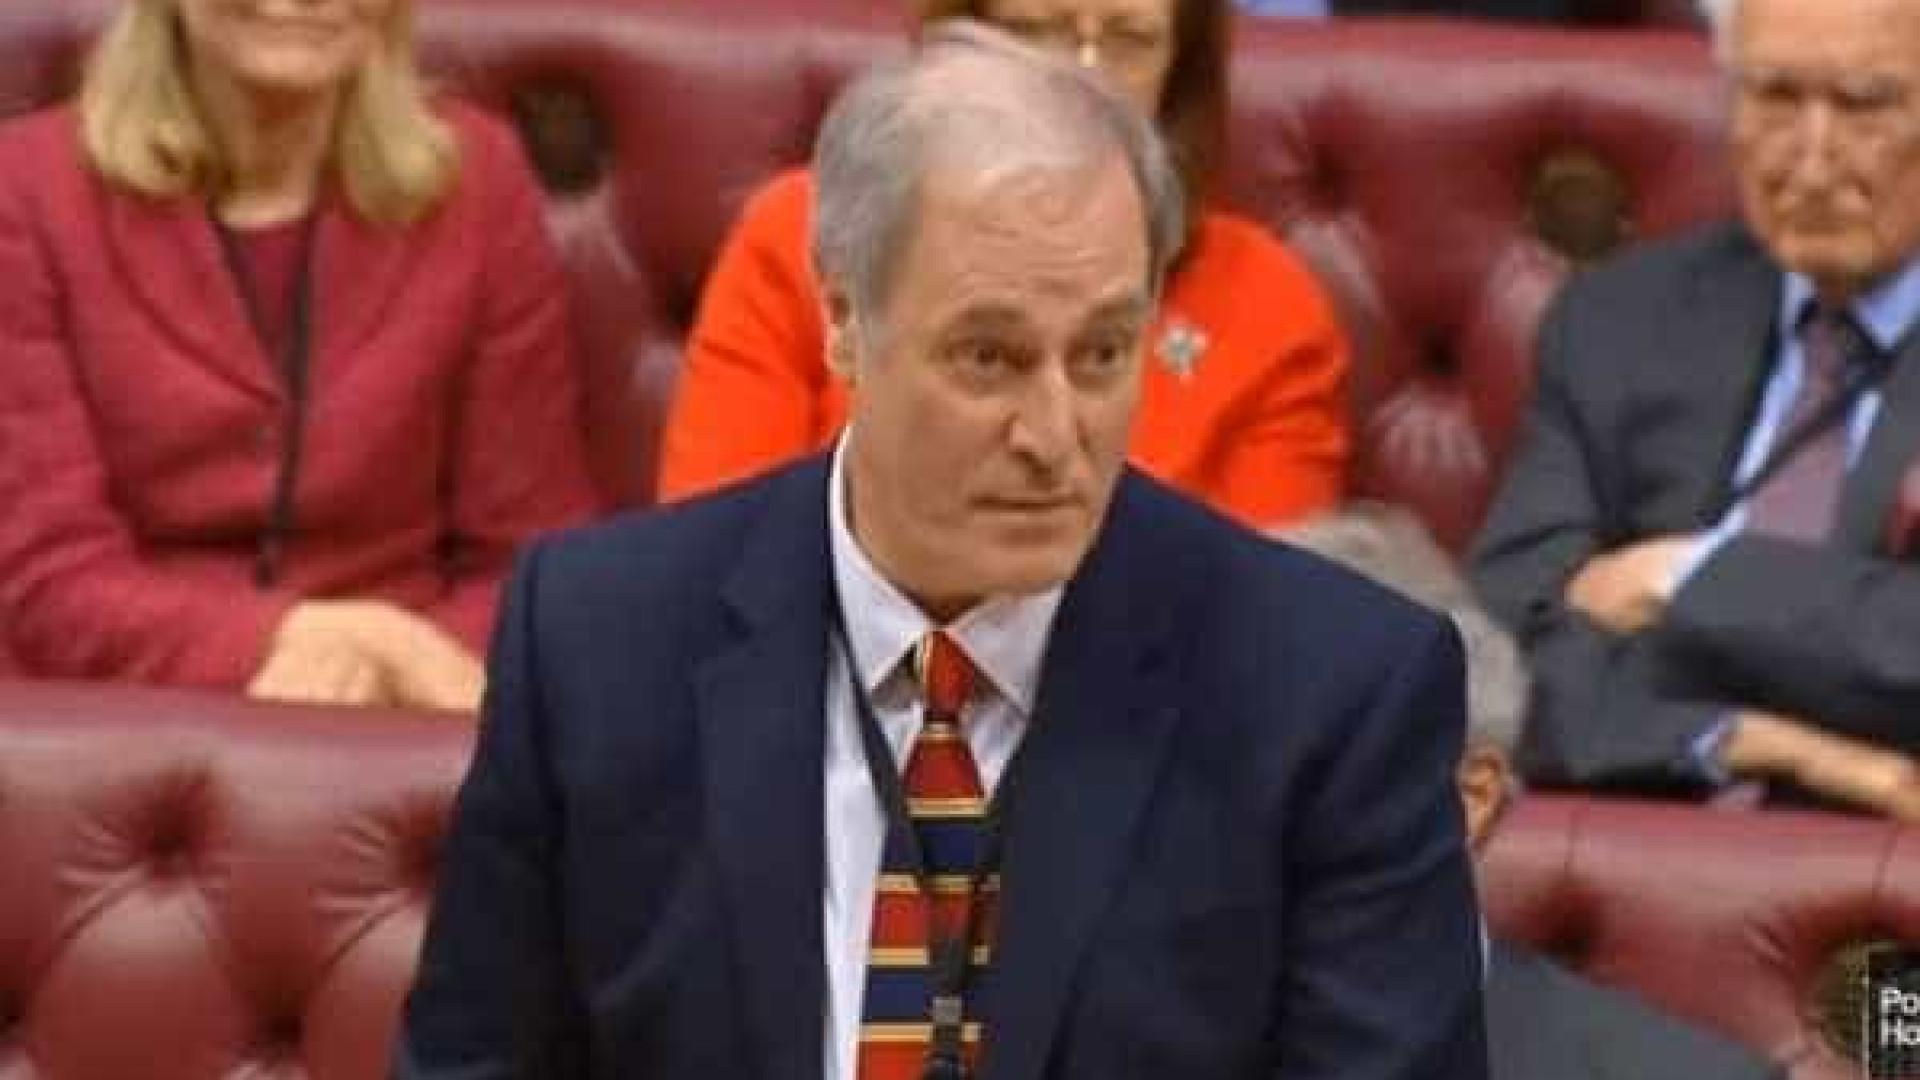 Secretário de Estado demite-se por chegar 2 minutos atrasado ao parlamento